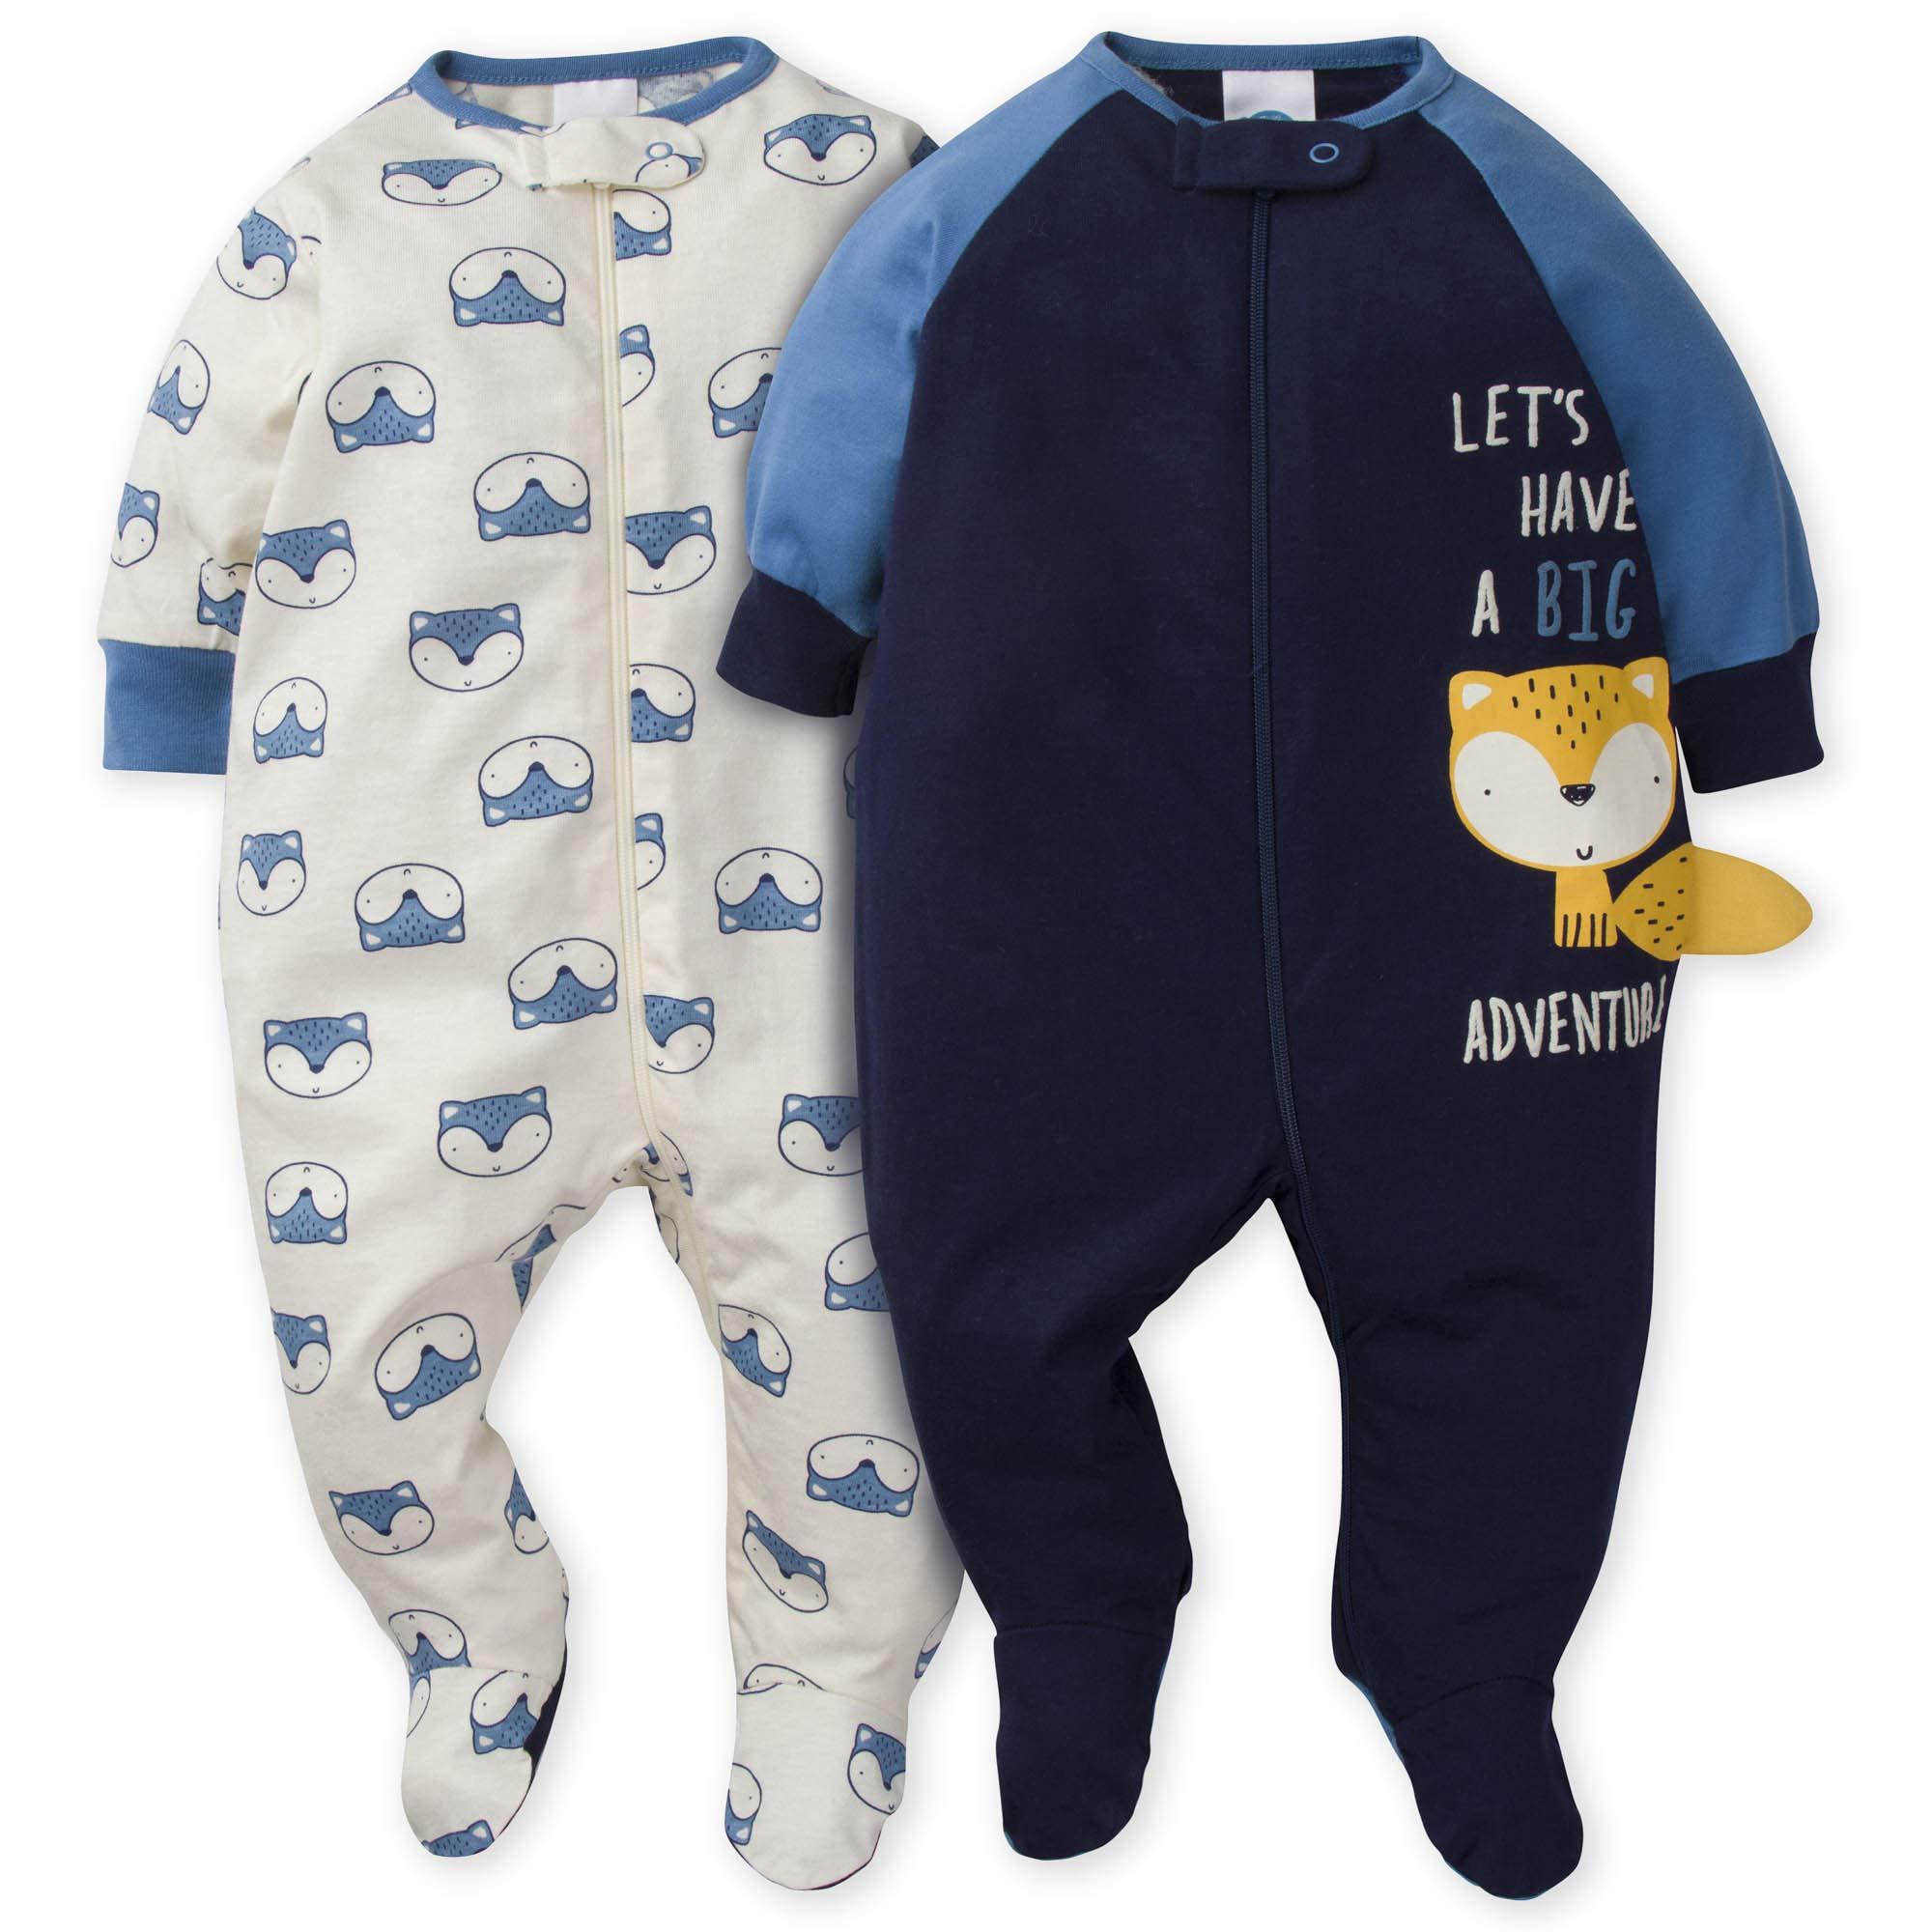 Gerber Baby Boys' 2-Pack Sleep 'N Play